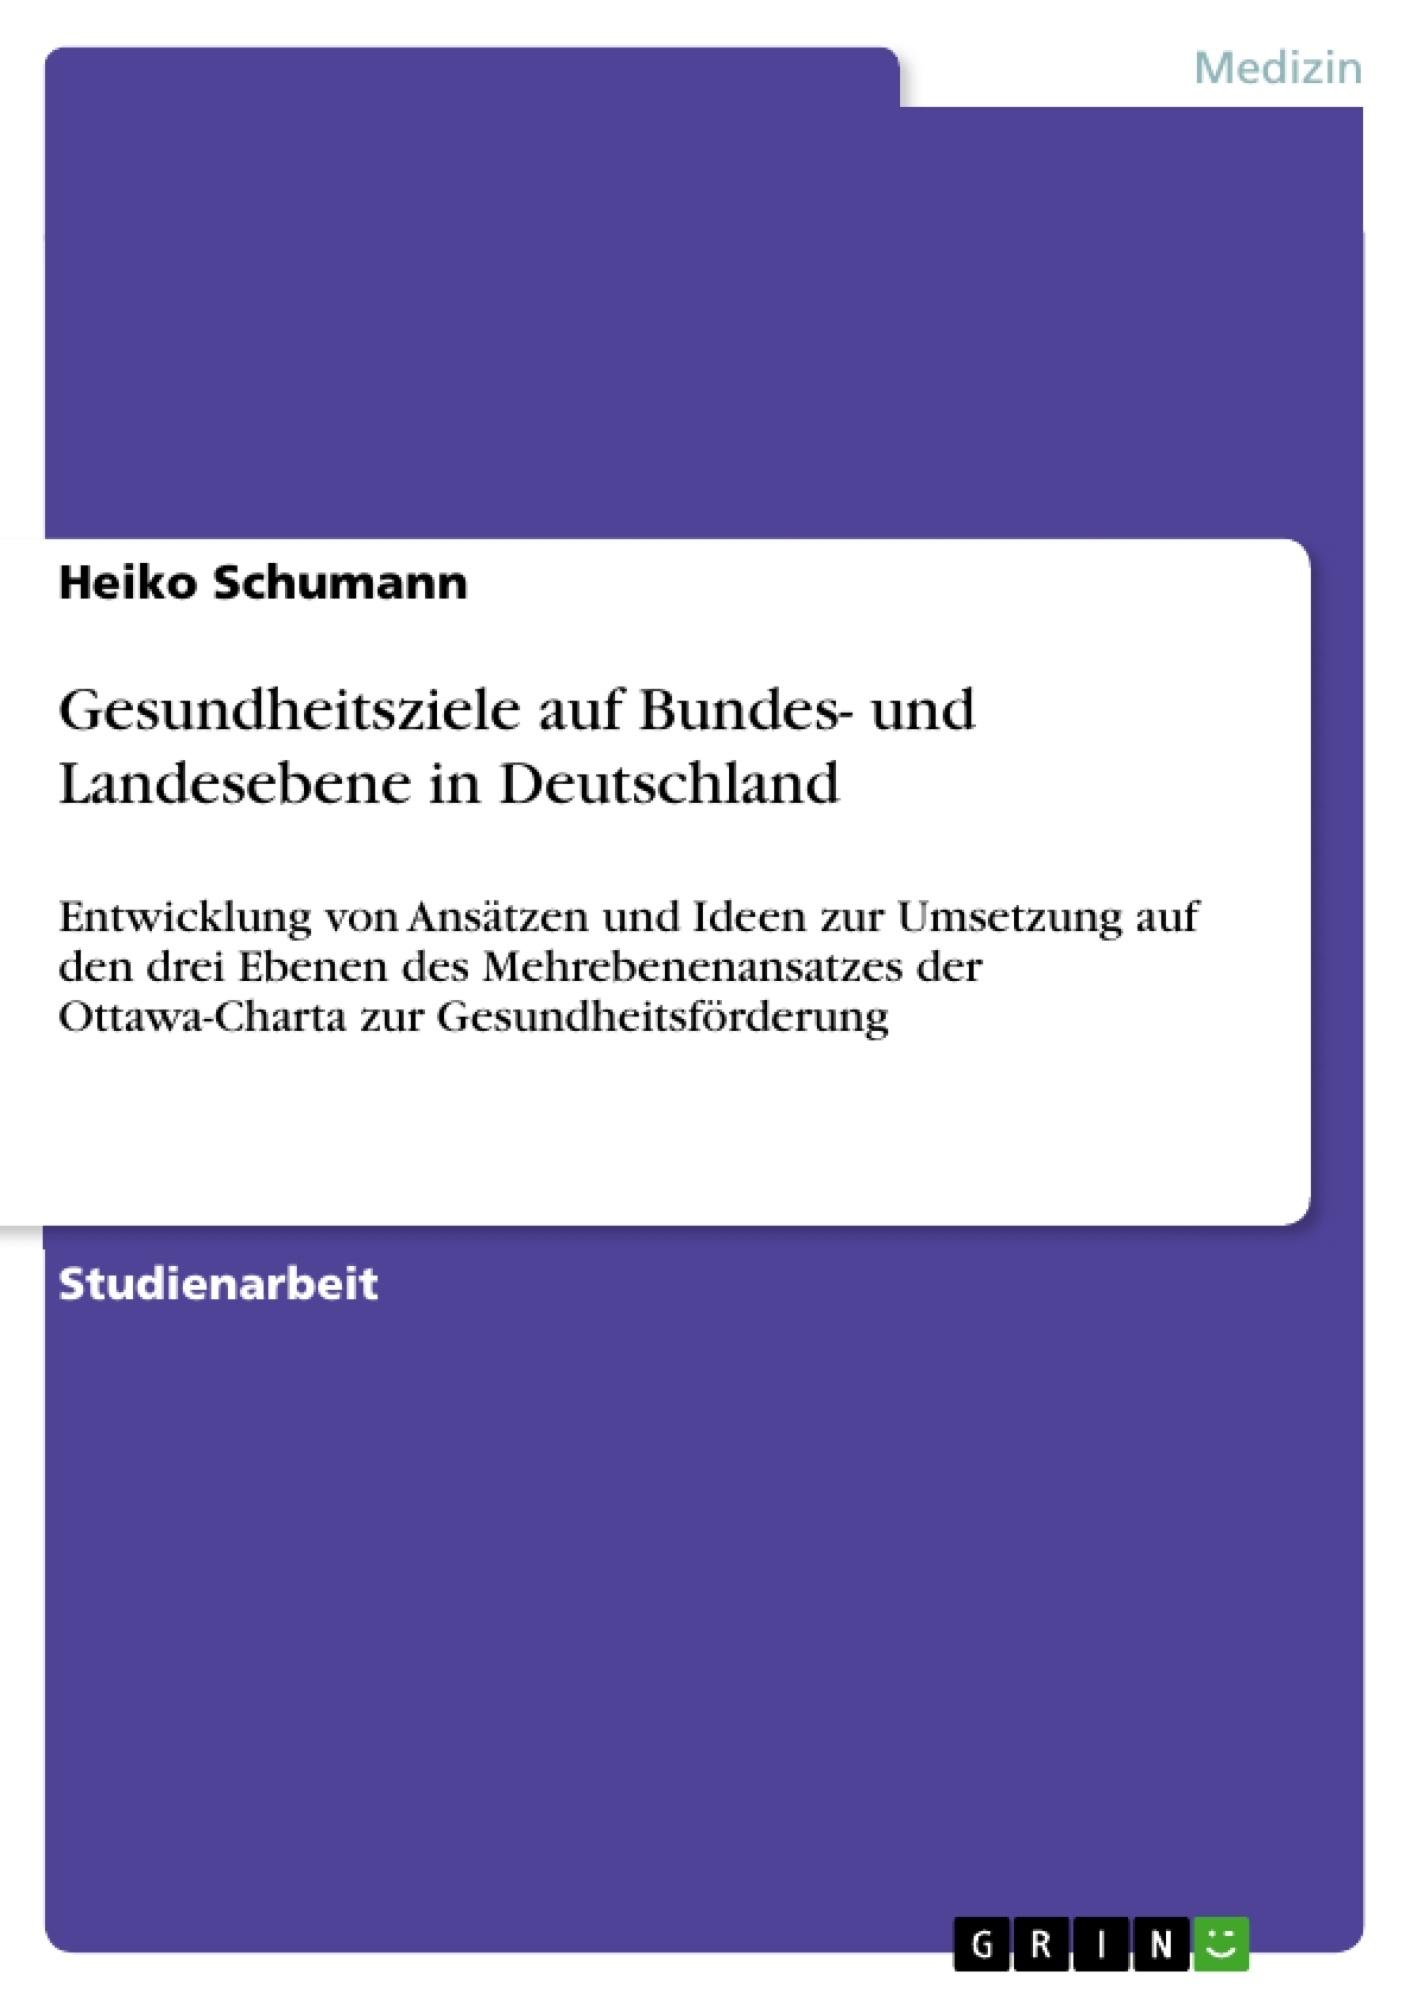 Titel: Gesundheitsziele auf Bundes- und Landesebene in Deutschland